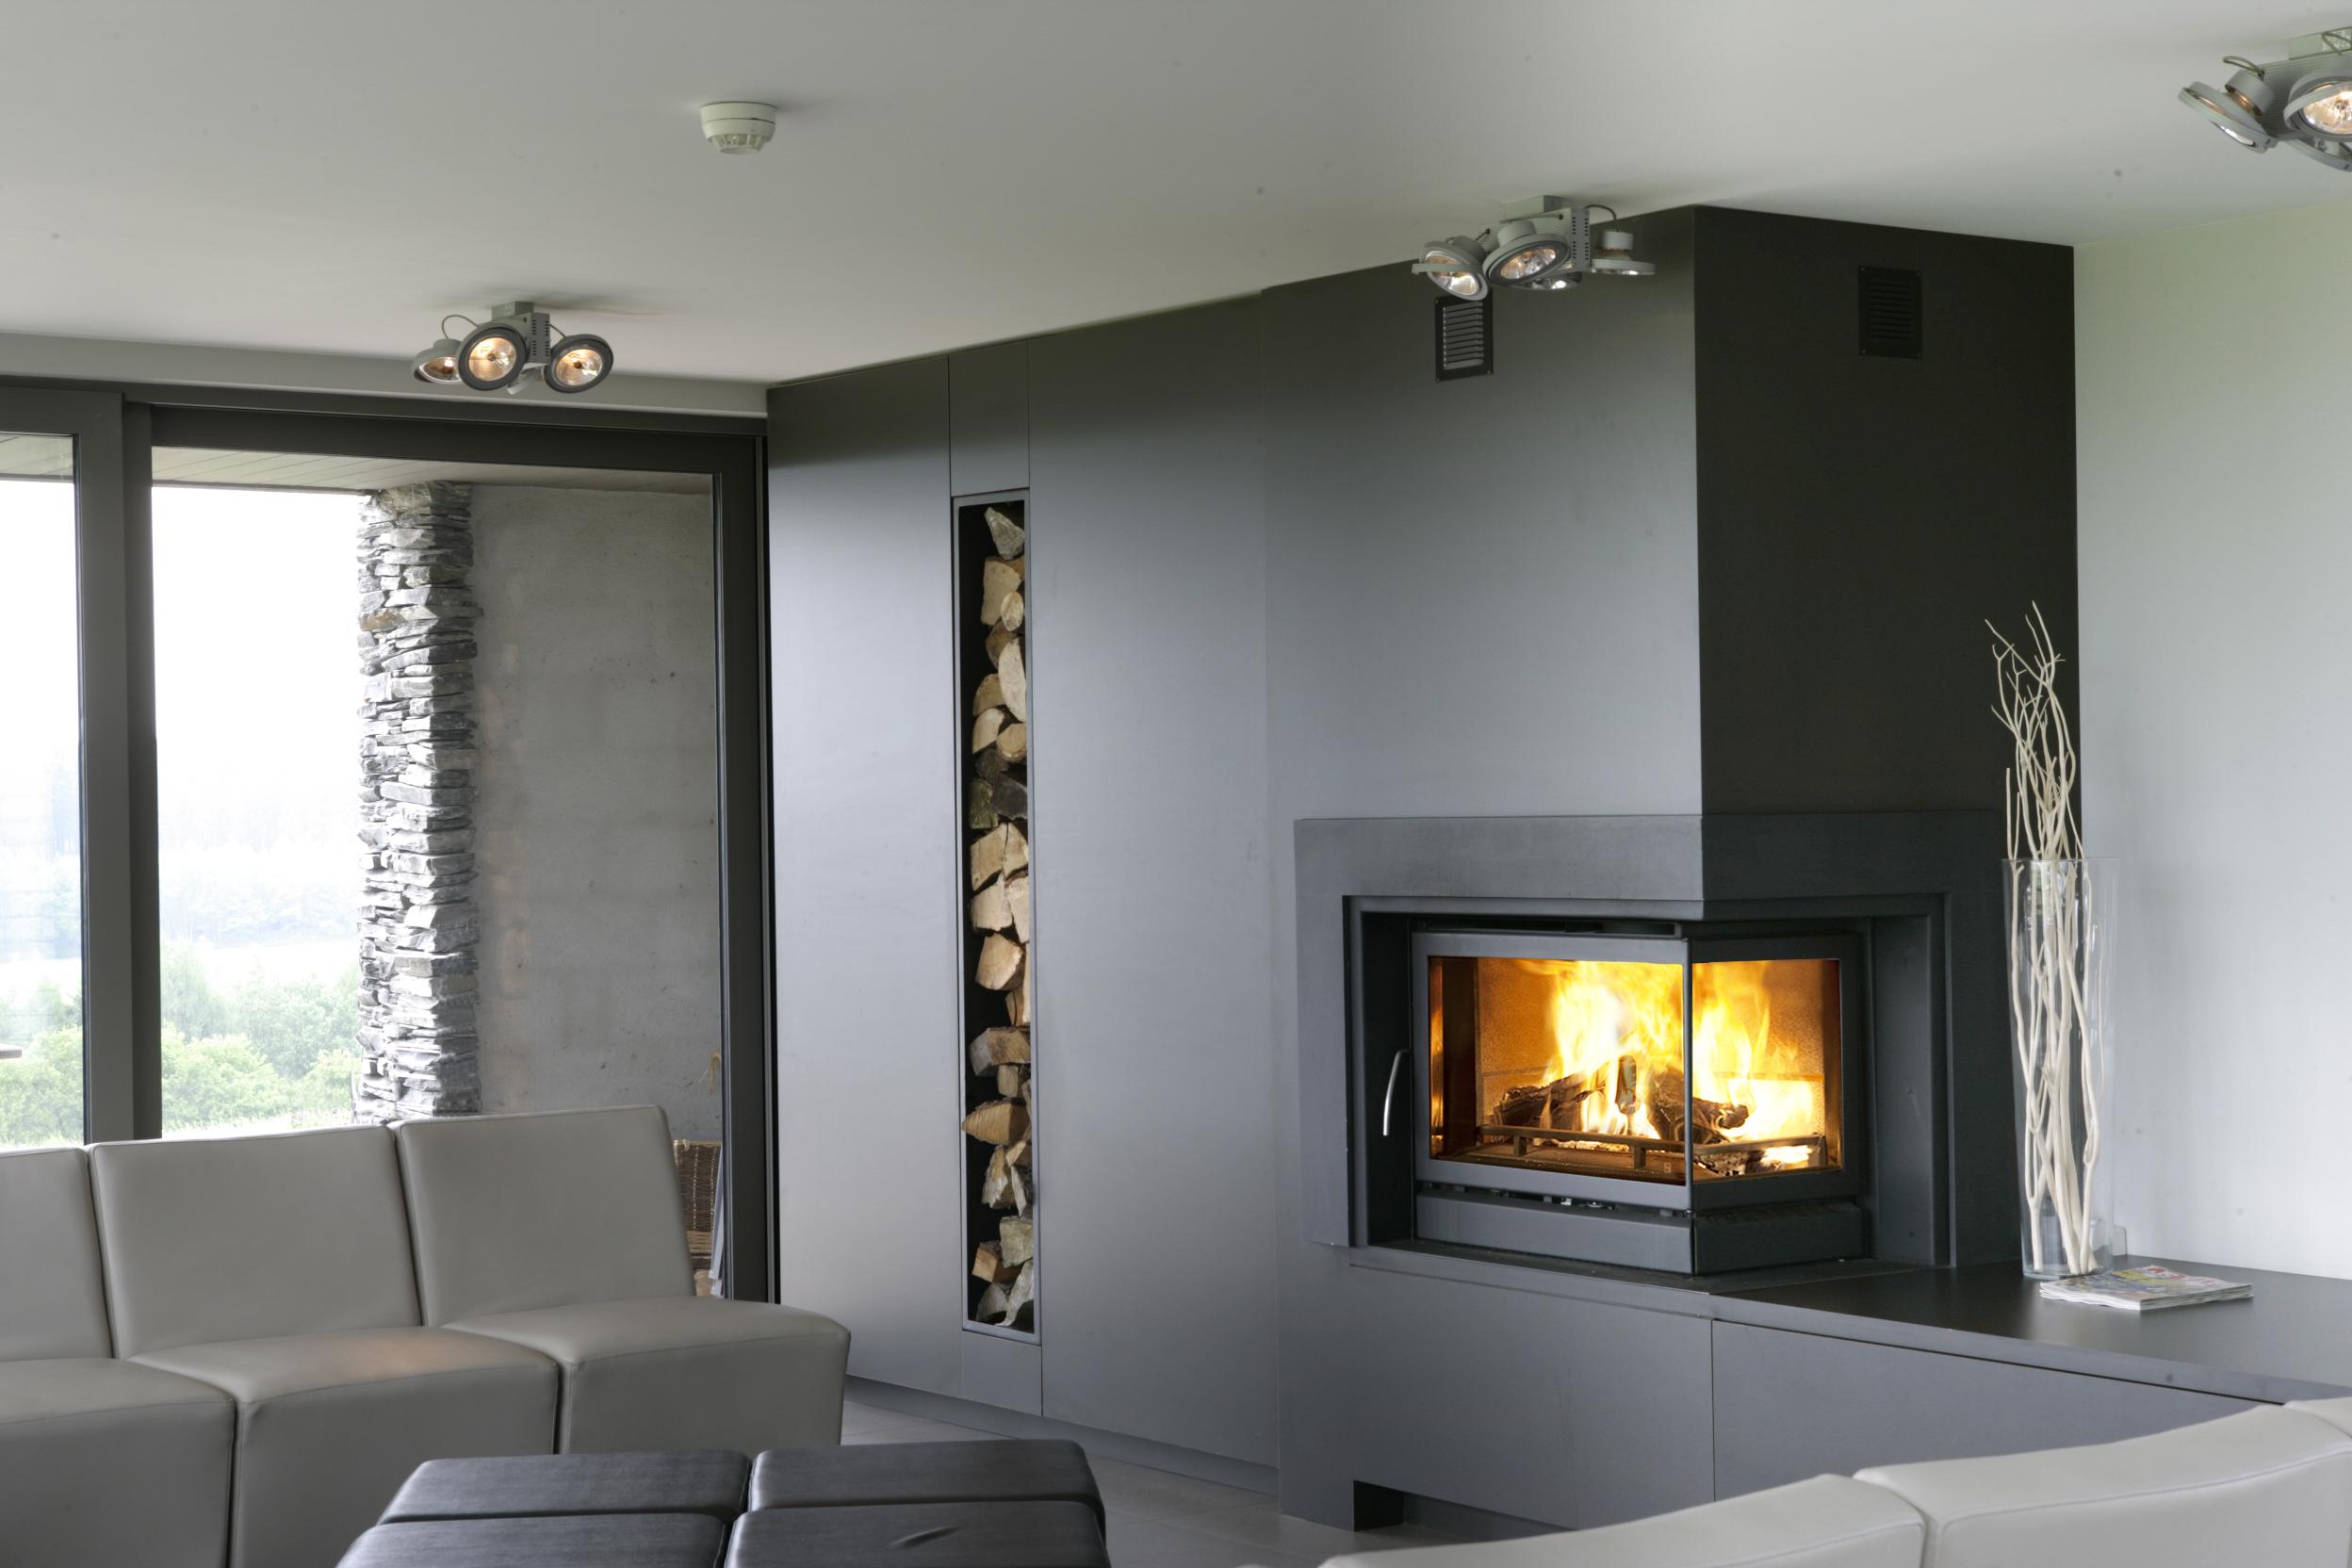 Masorosa lareiras de portugalrecuperador de calor - Chimeneas de esquina modernas ...